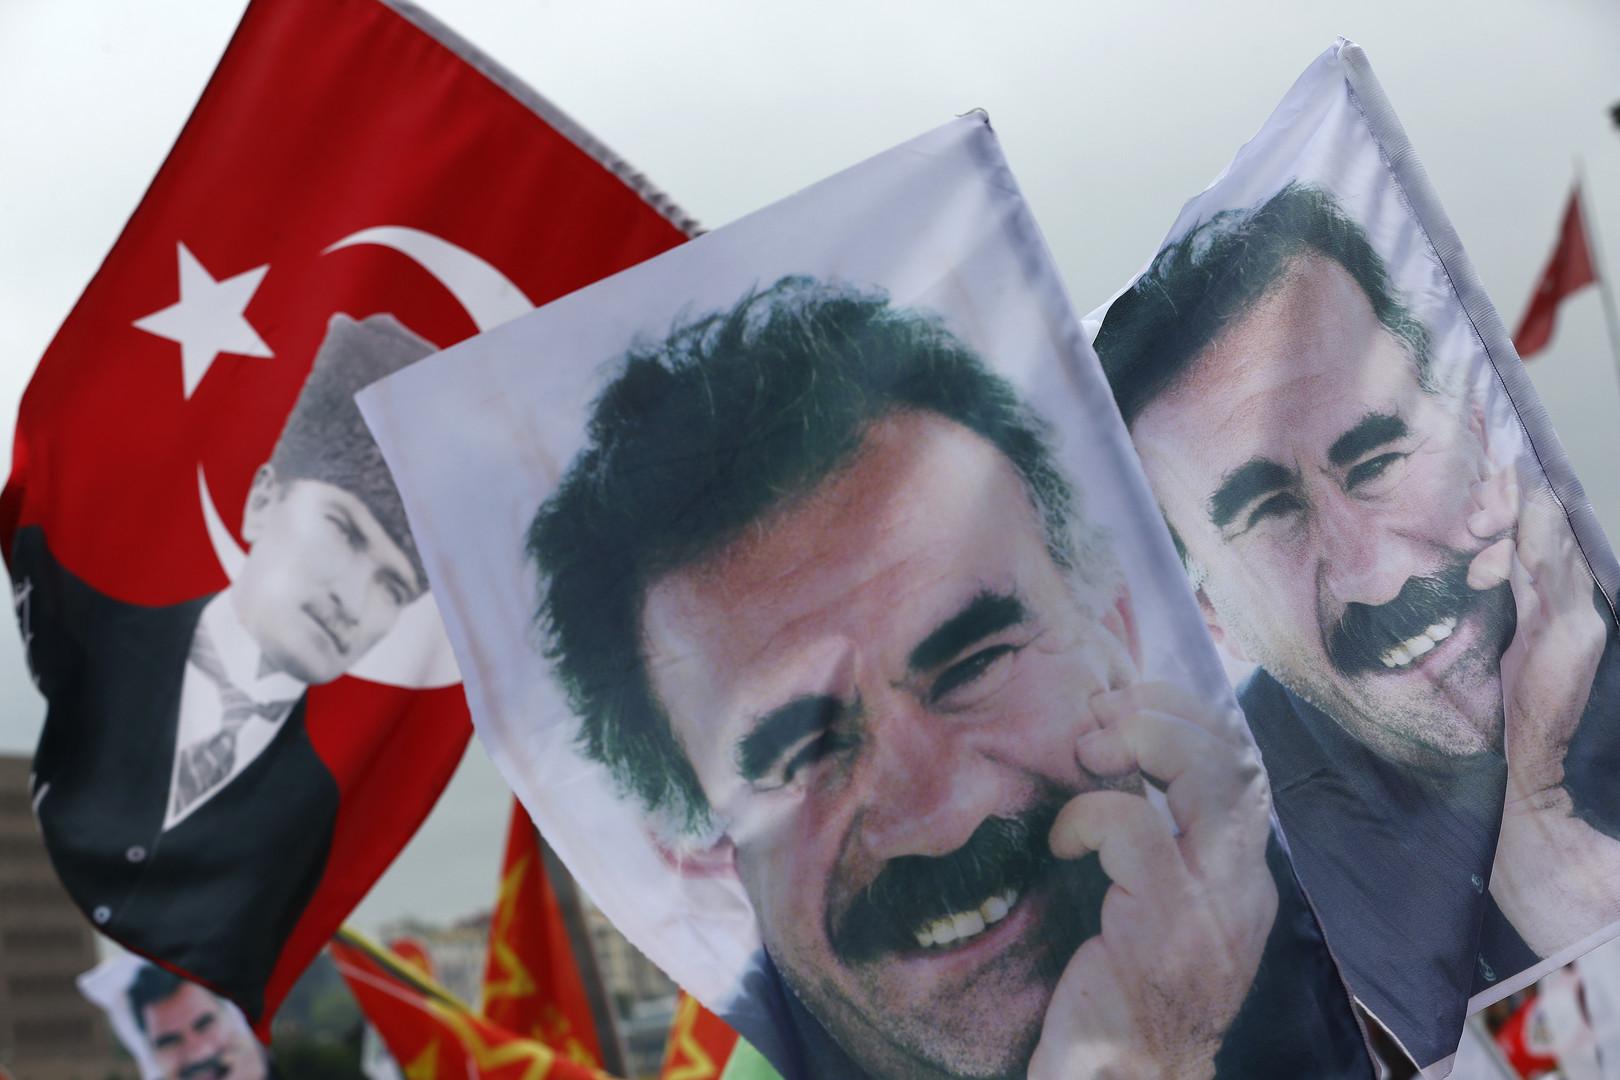 أوجلان يوجه رسالة إلى  قسد  بخصوص الصراع مع تركيا في سوريا -